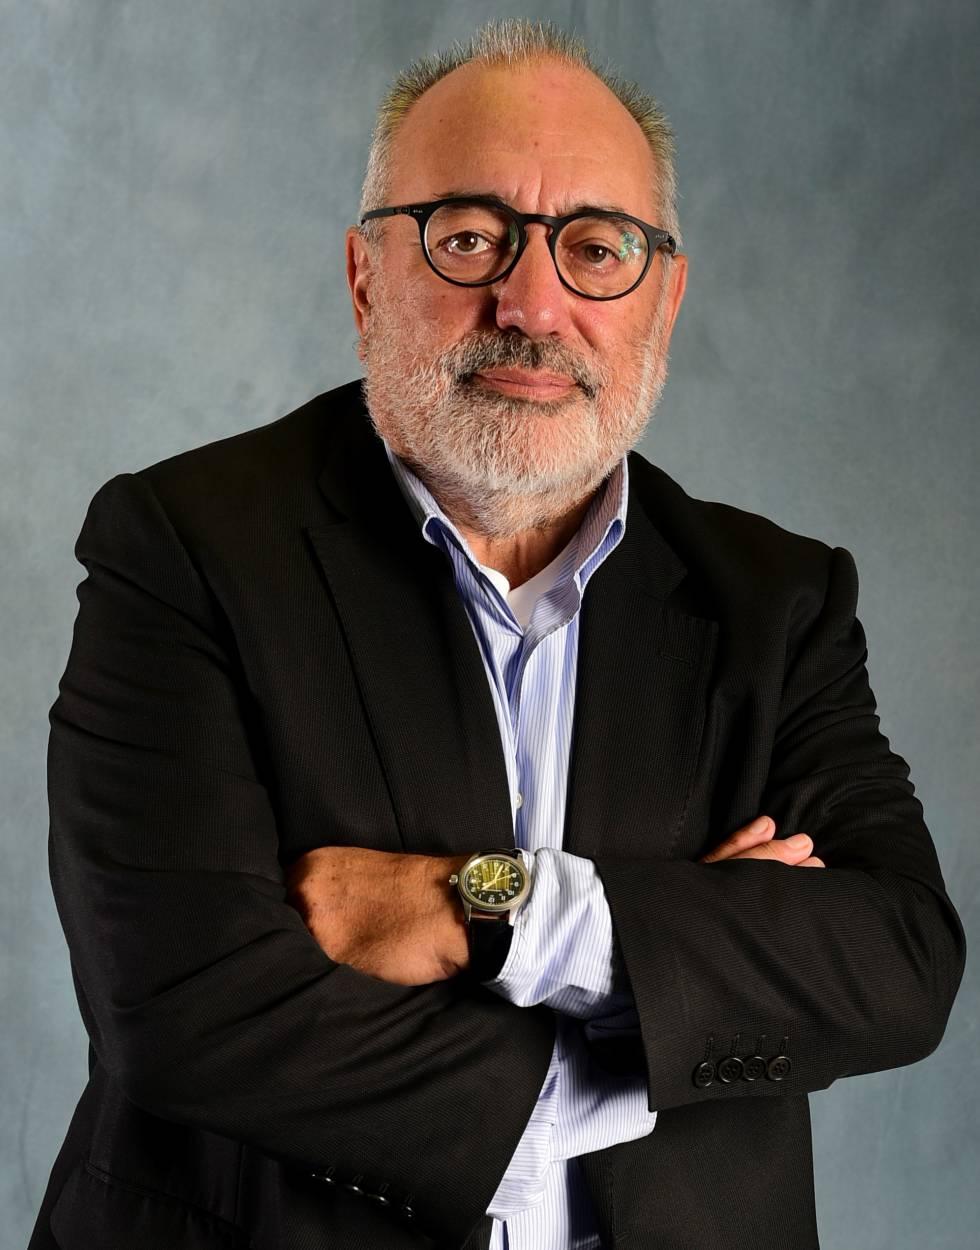 Muere Carlos Pérez de Rozas, diseñador de periódicos, colega desbordante en amistad